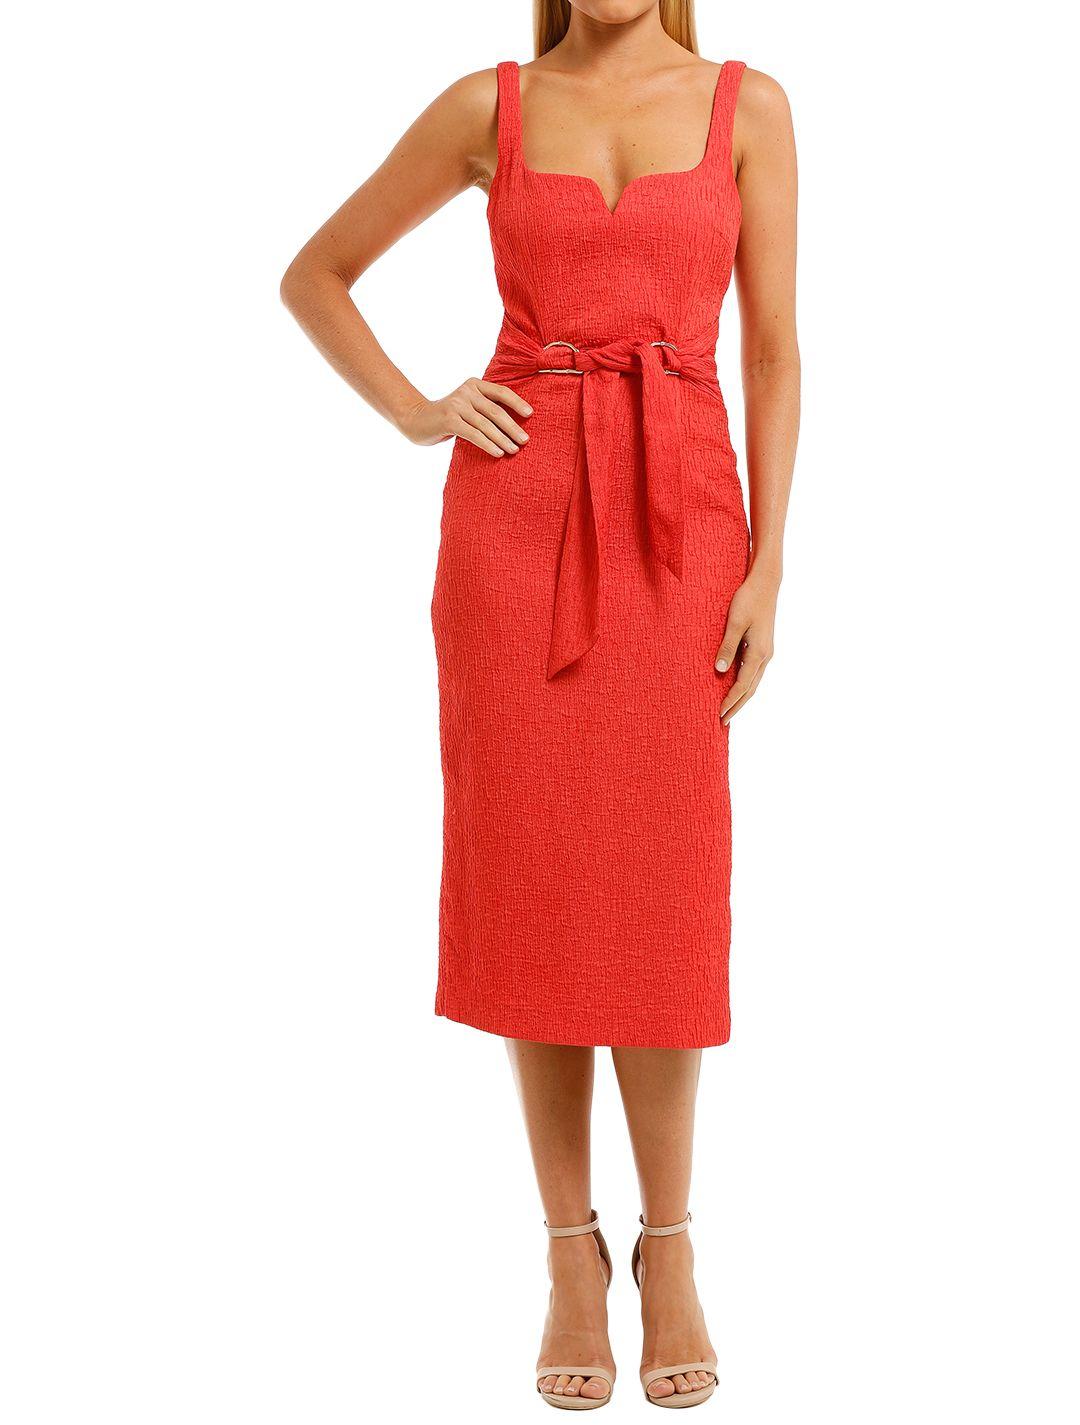 Rebecca-Vallance-Greta-Midi-Dress-Coral-Front